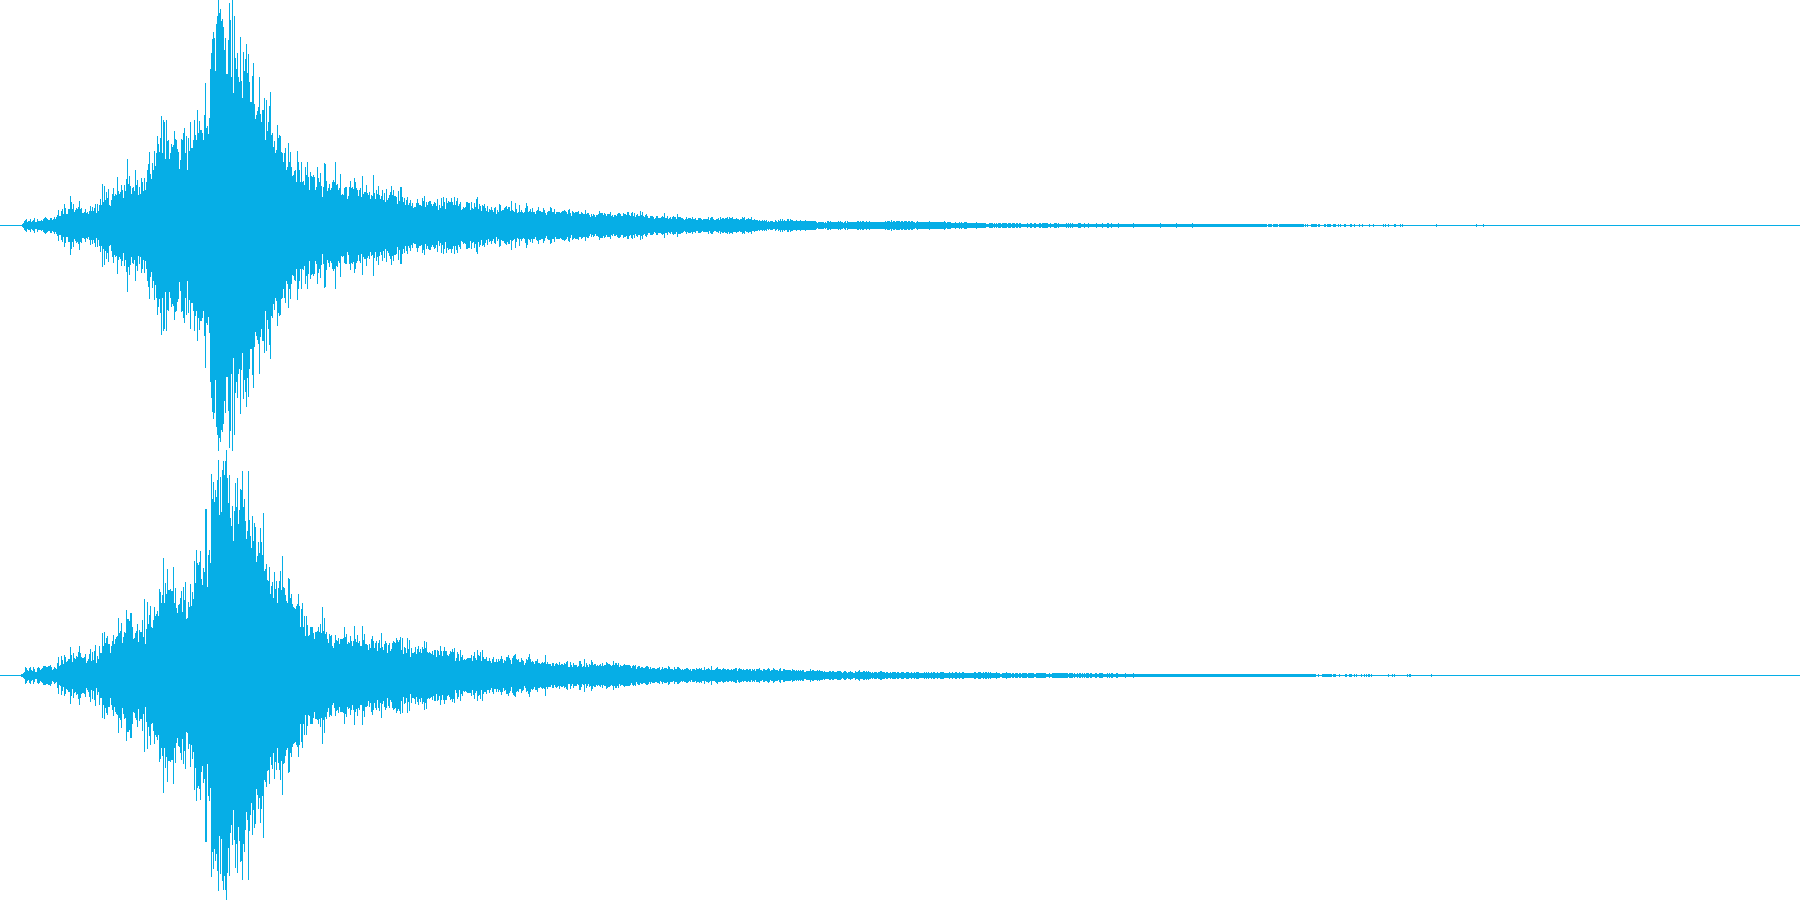 能力が上がる音(シャキン)の再生済みの波形